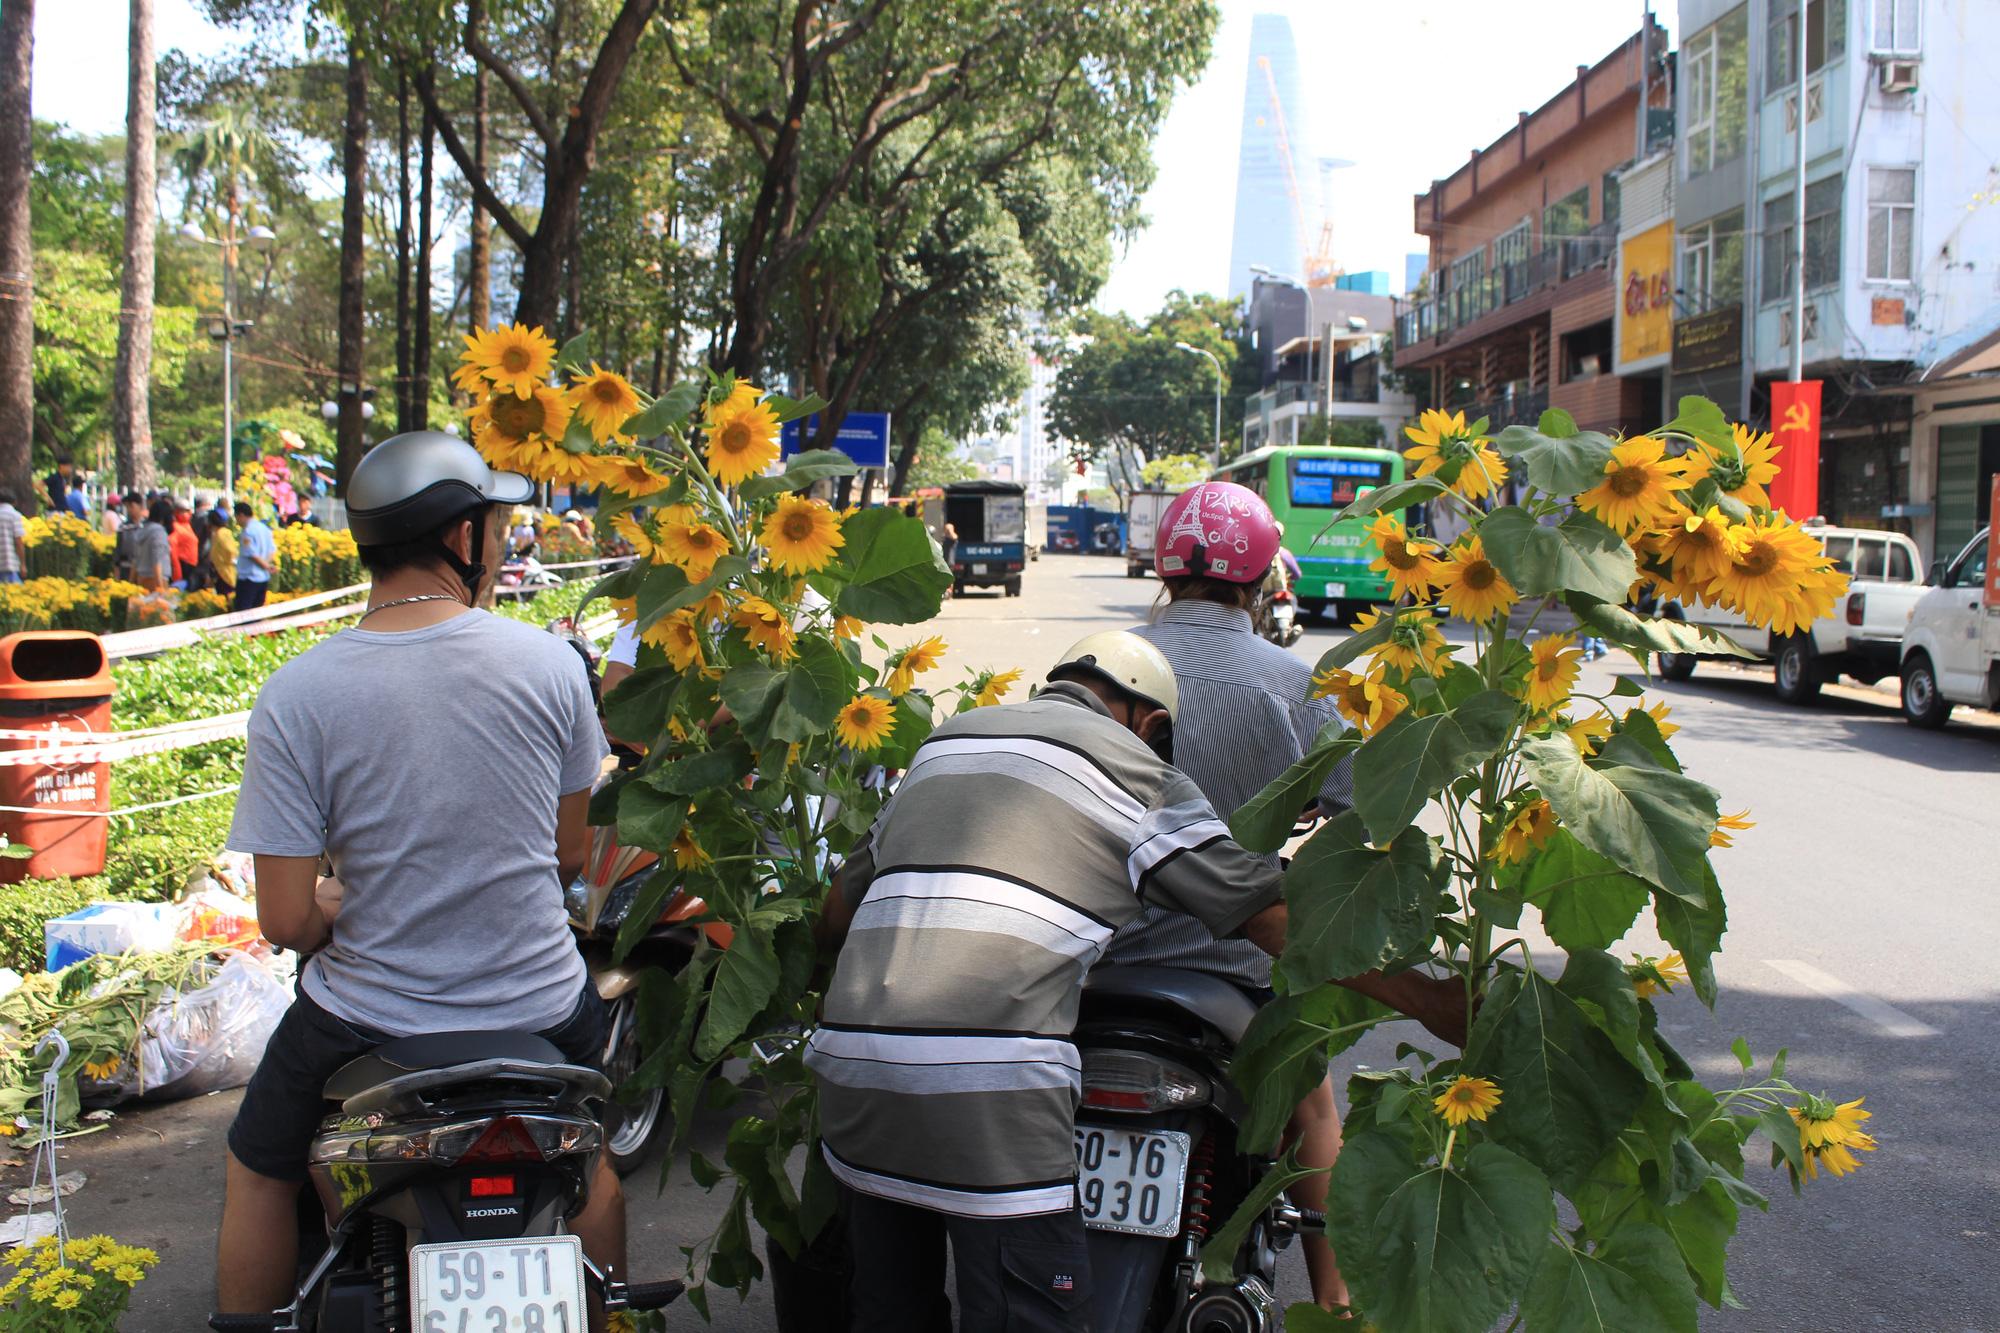 Trưa 30 Tết, mai, đào, hướng dương bán rẻ như cho 50.000 đồng một cây ở chợ hoa Sài Gòn - Ảnh 4.